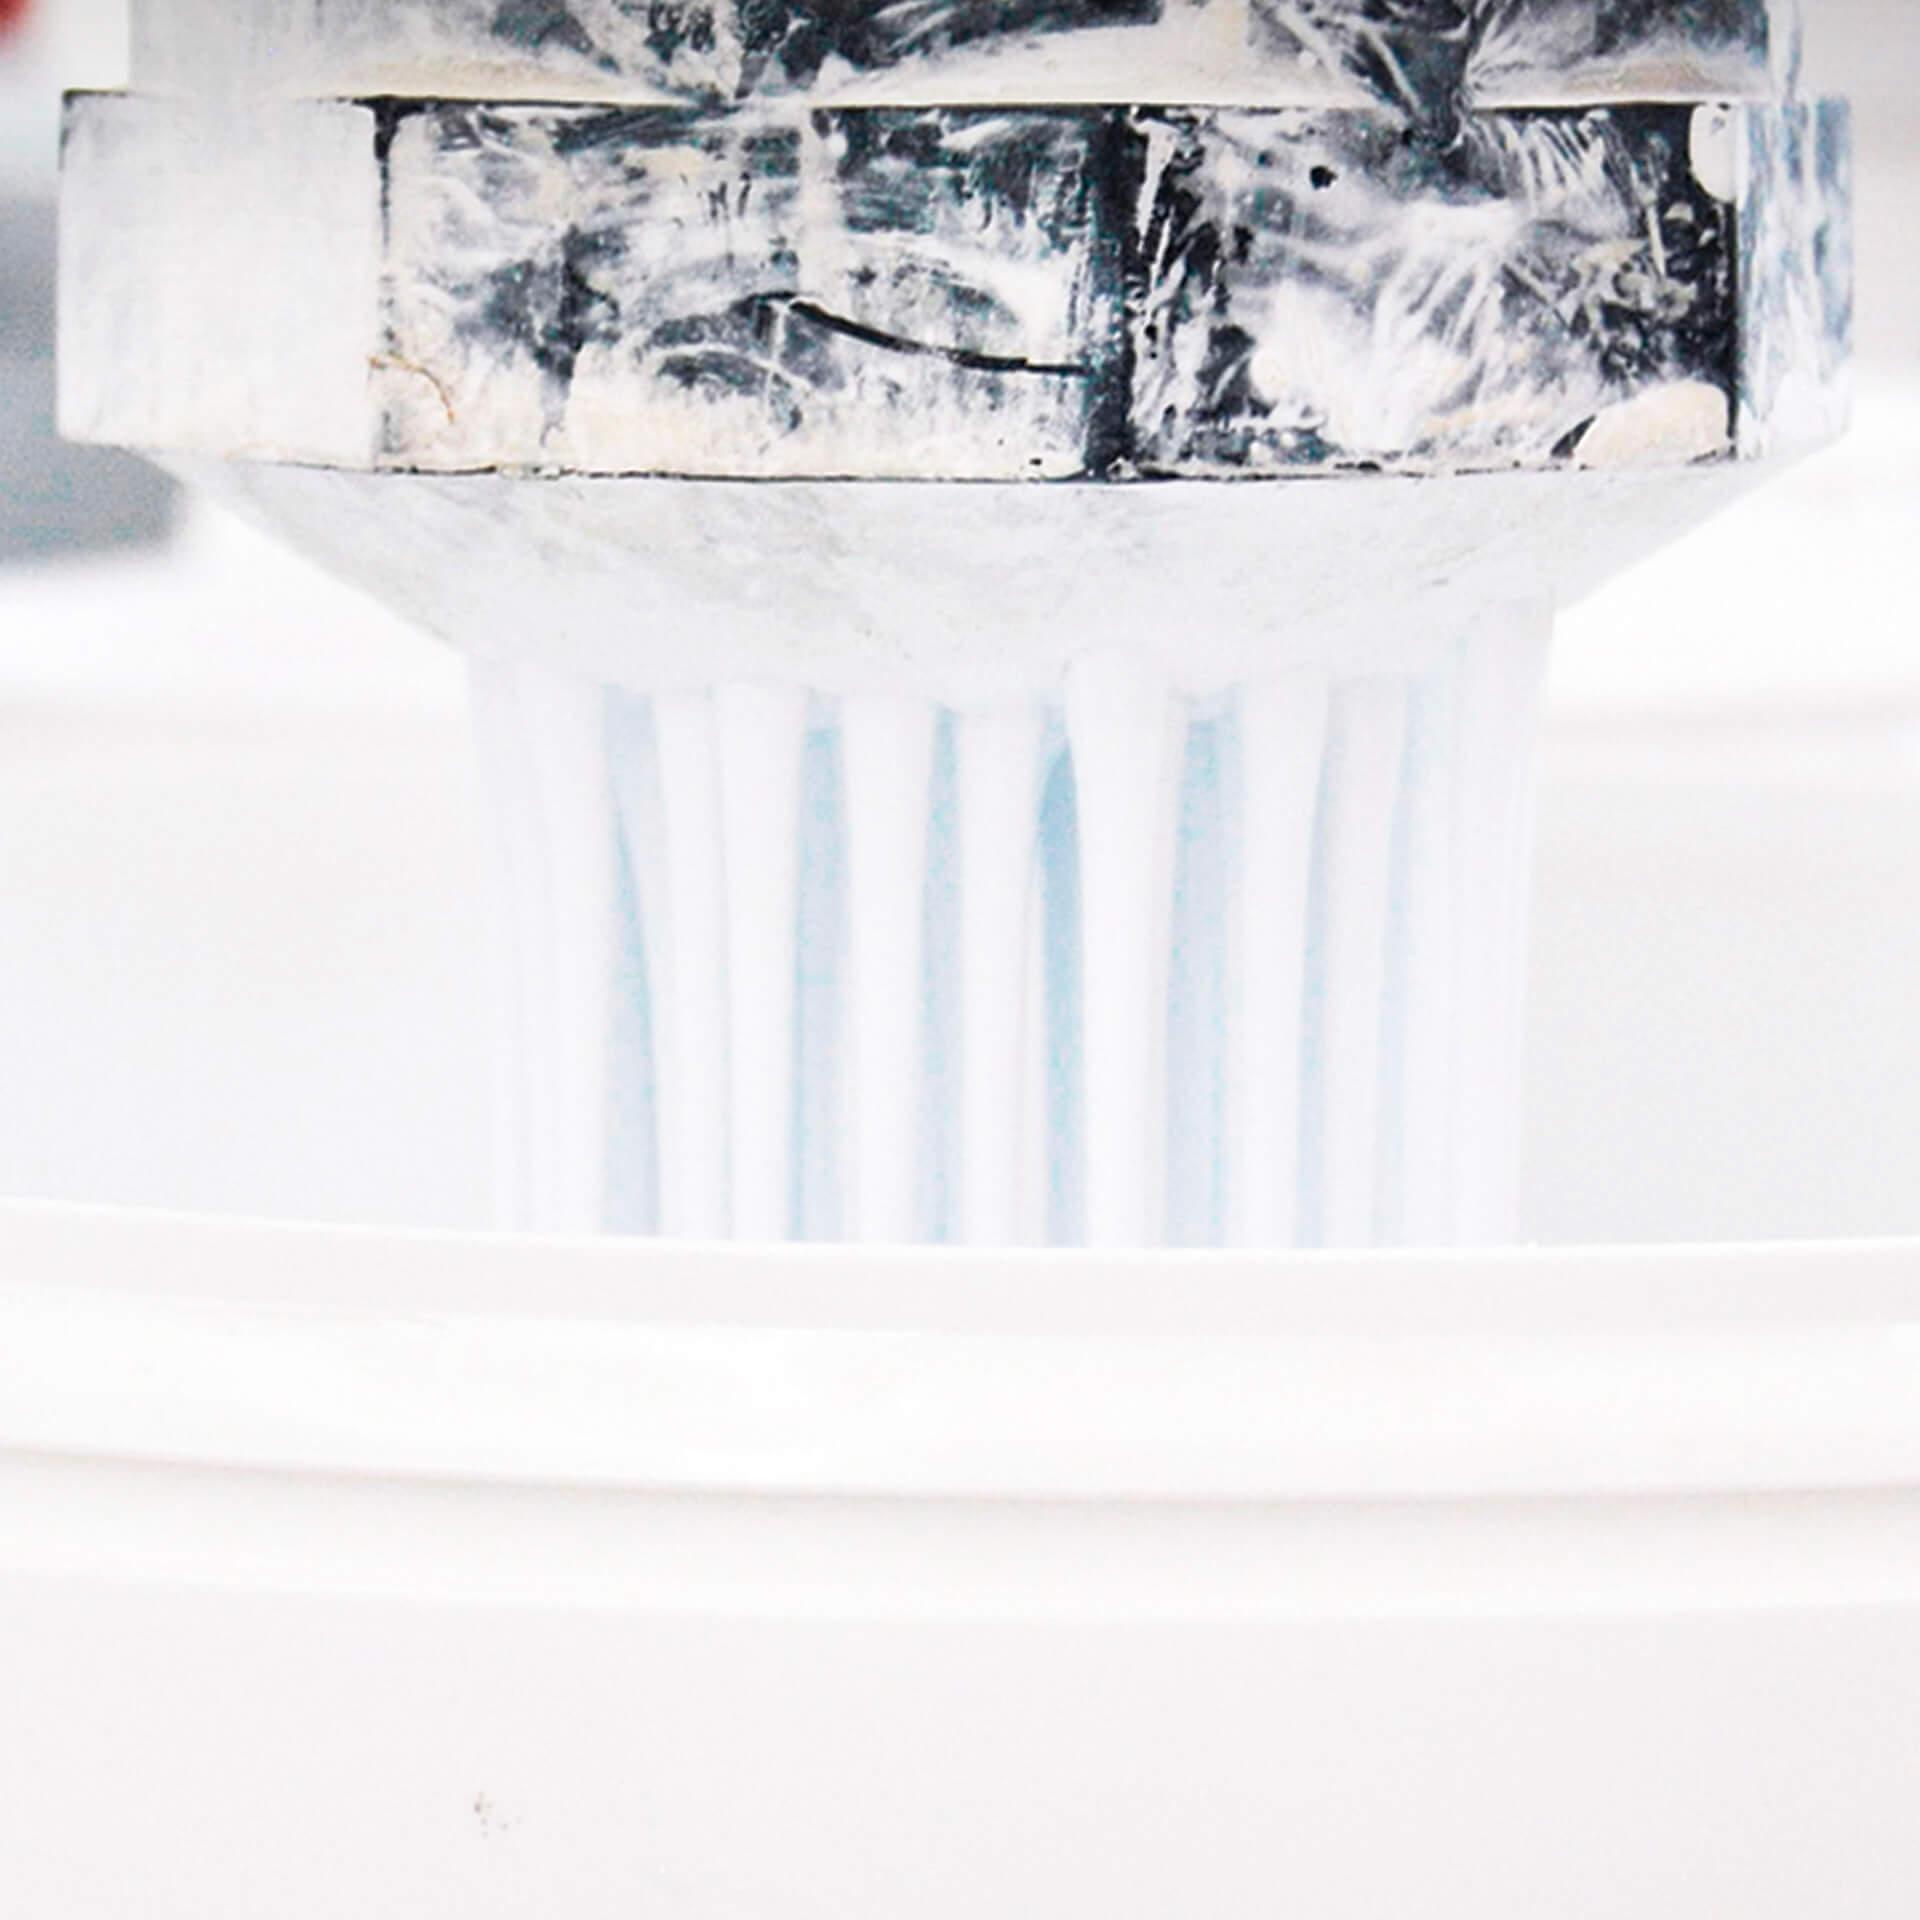 Una máquina rellenando un bote de pintura blanca